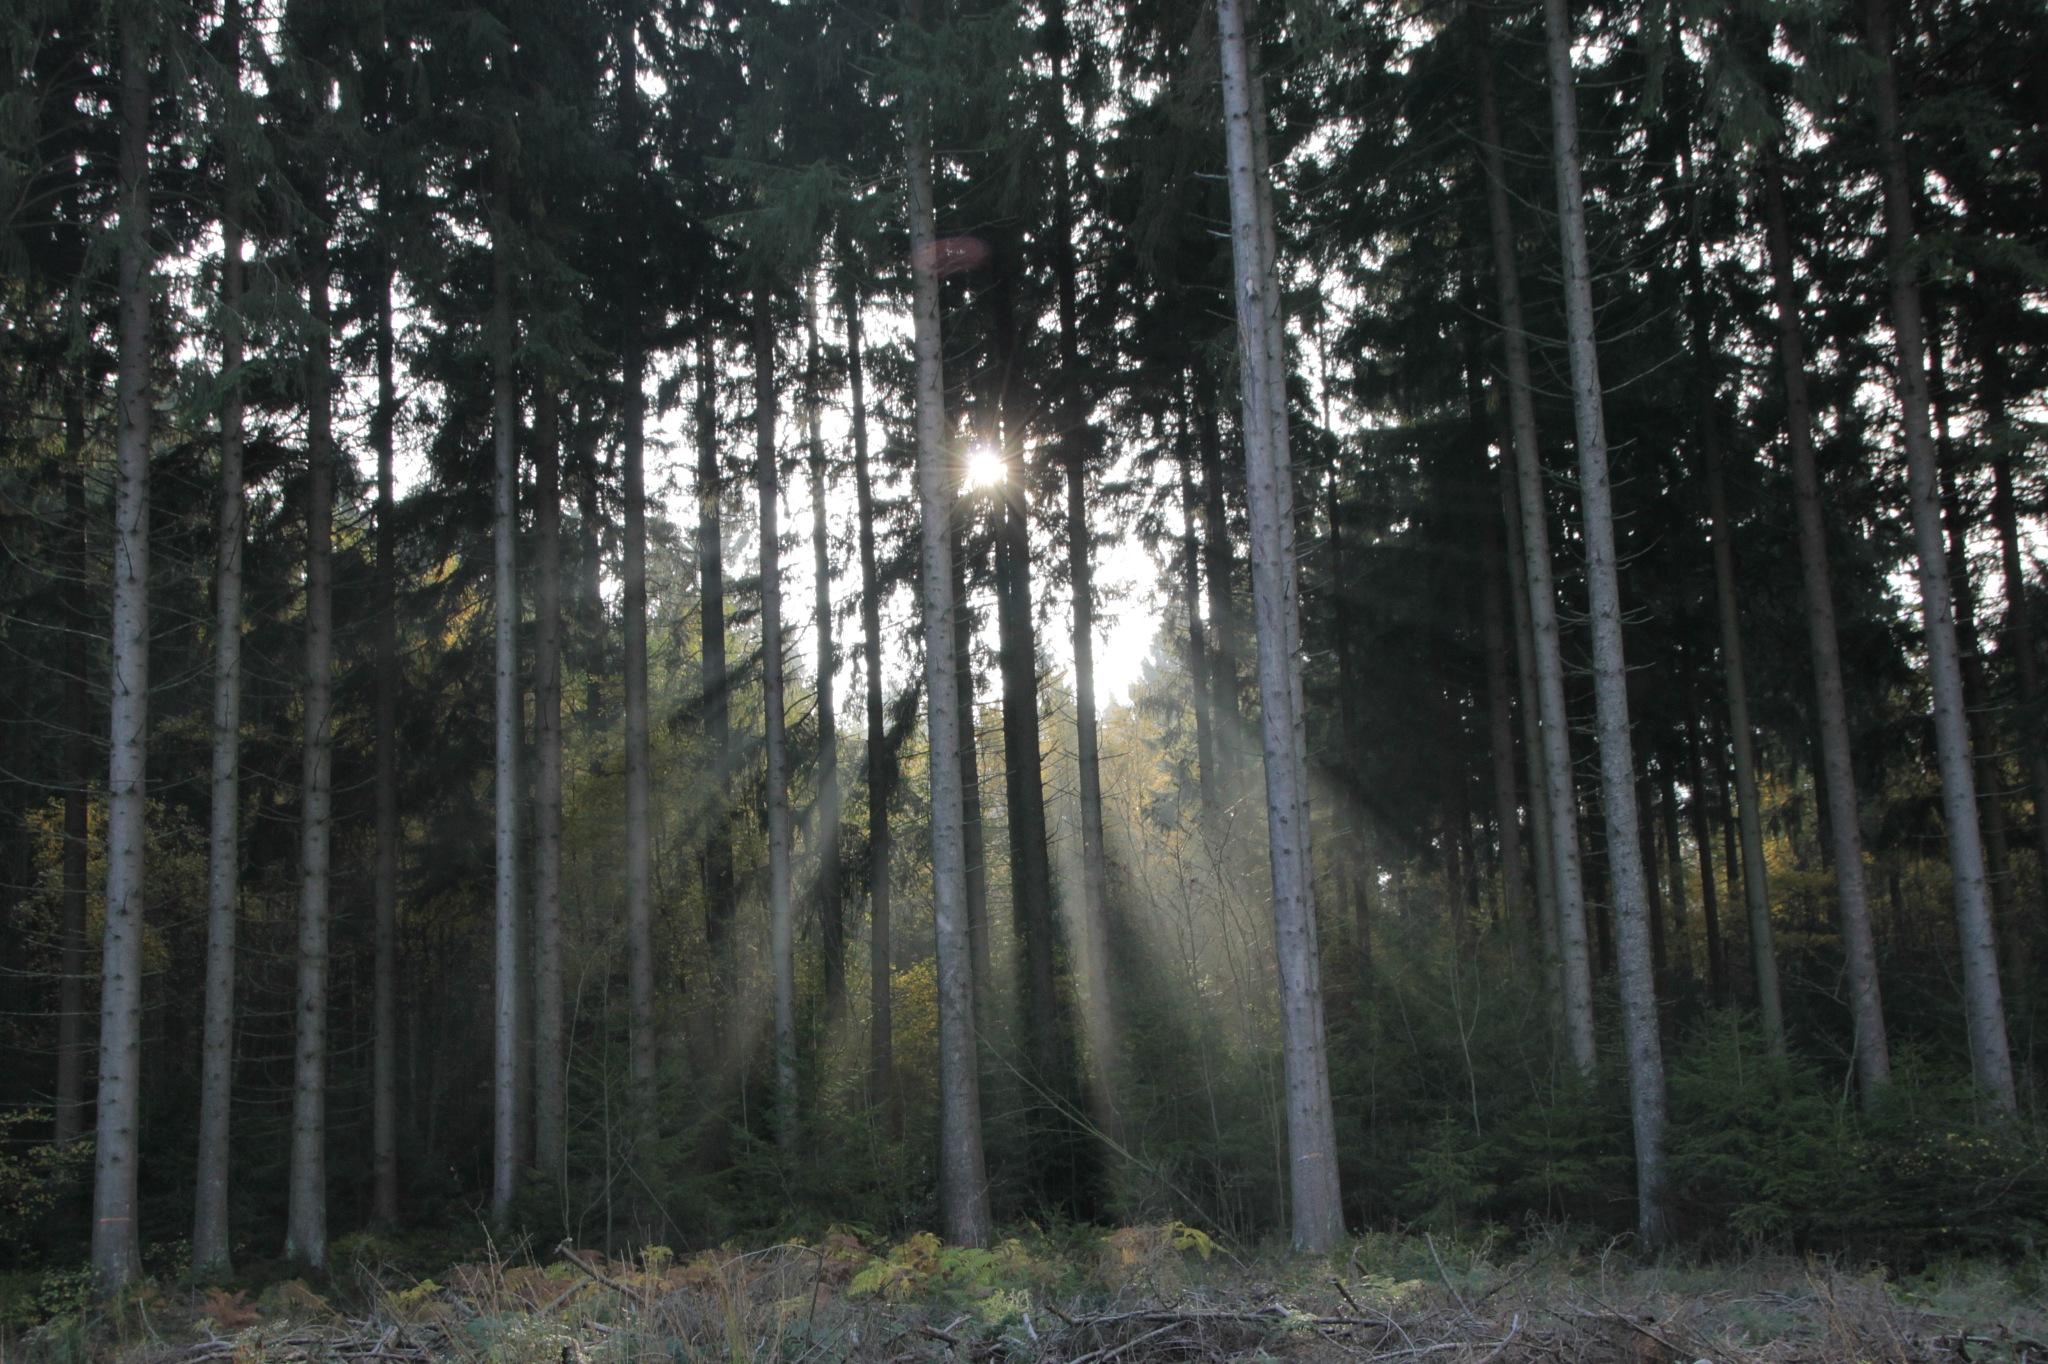 Sun Trees by Linus De Witte